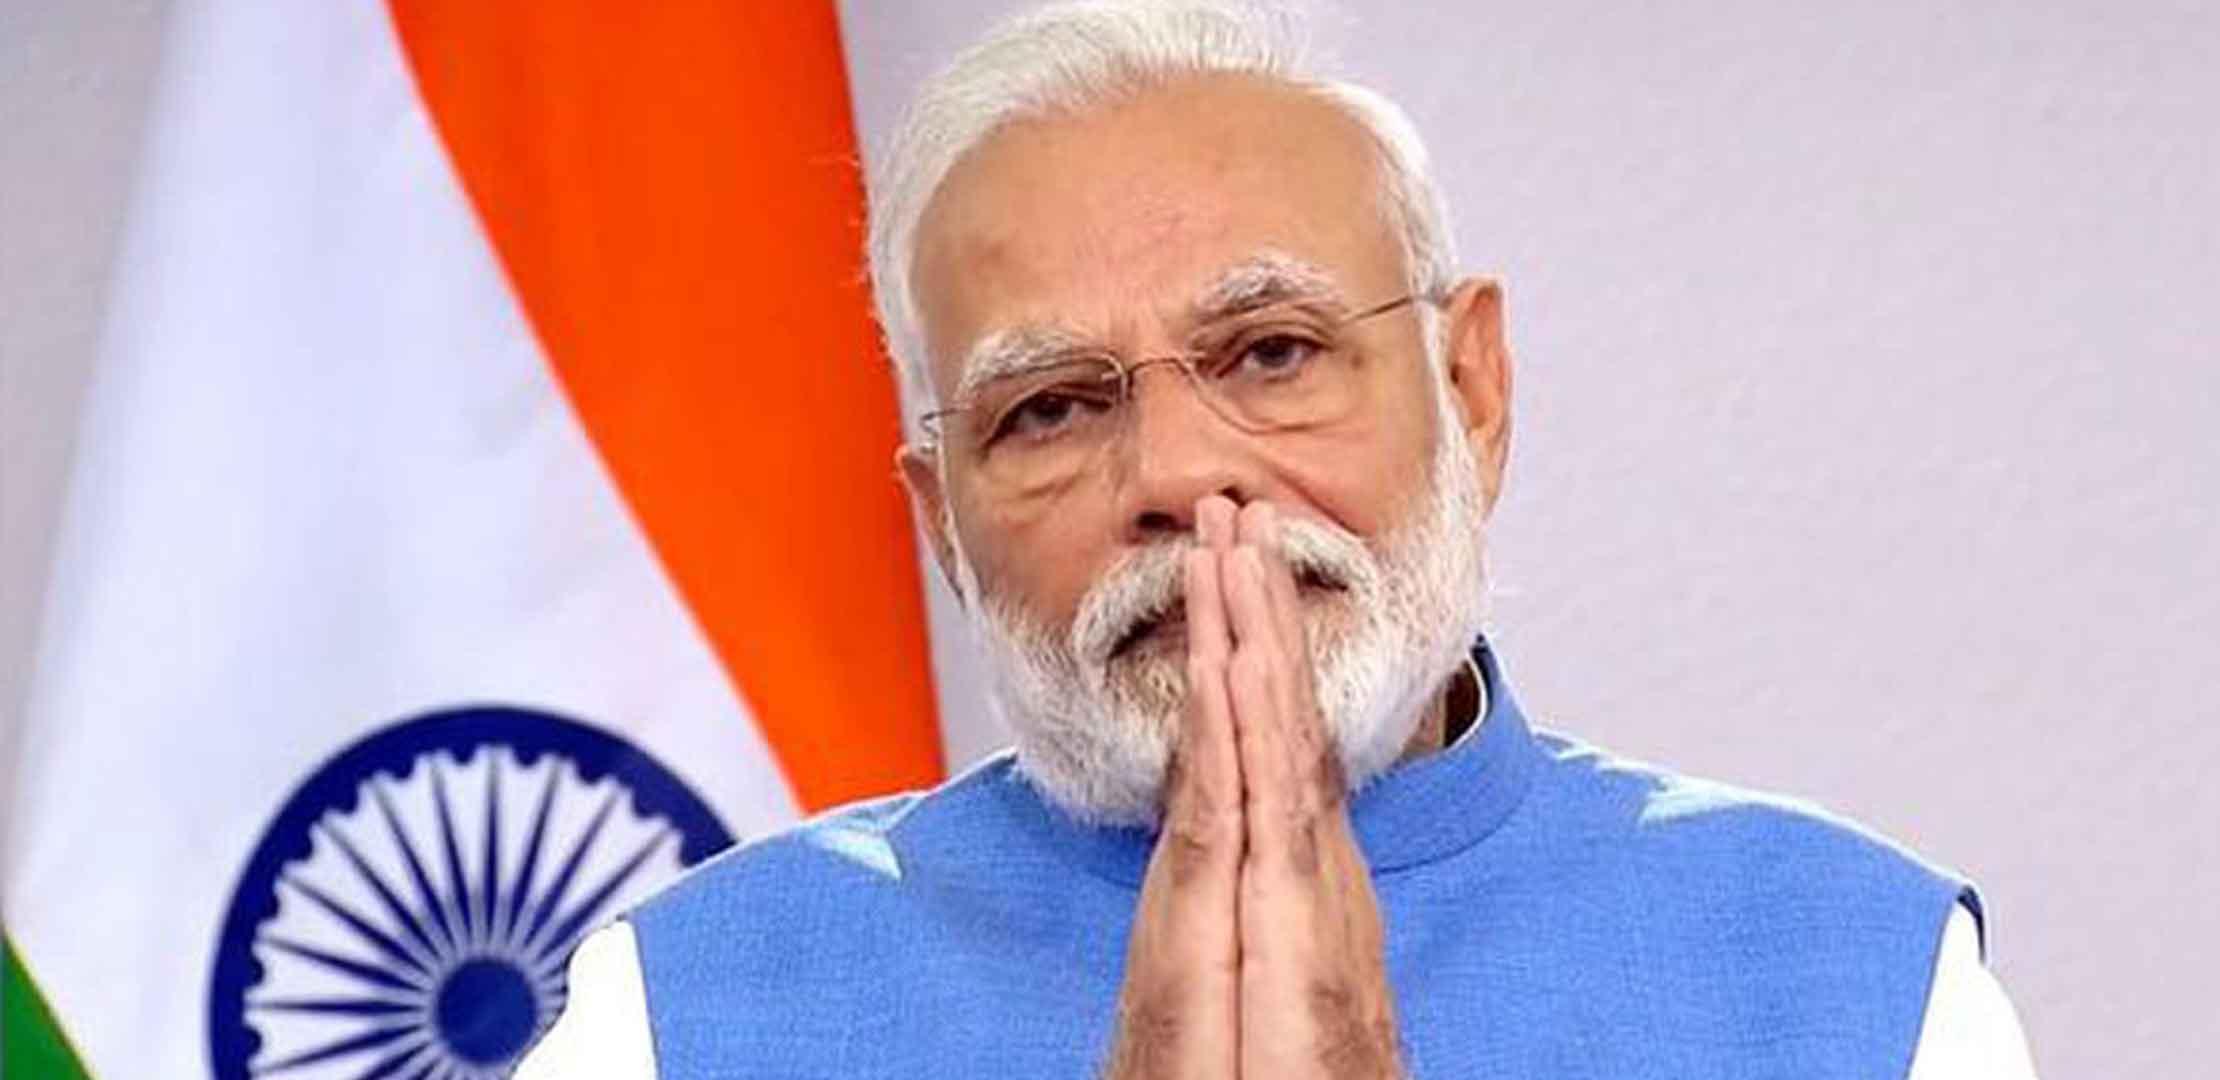 संरक्षण उत्पादन क्षेत्रातील आत्मनिर्भर भारत' –  पंतप्रधान नरेंद्र मोदीची यासाठी ठोस पाऊले